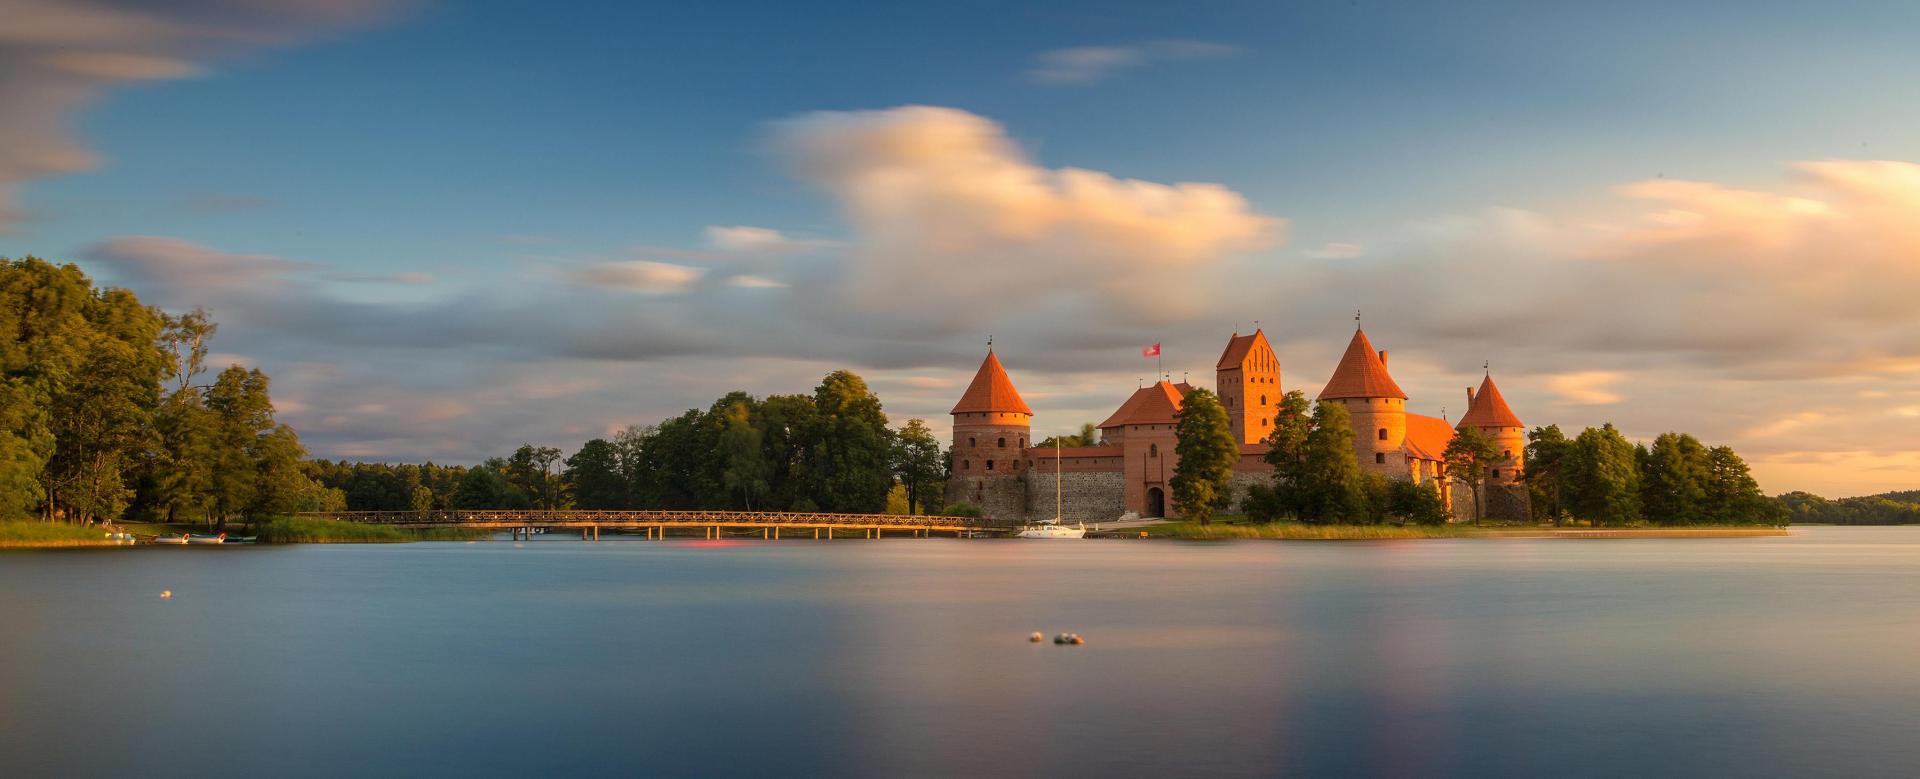 Trekking Lituanie : Pays baltes, joyaux de la baltique